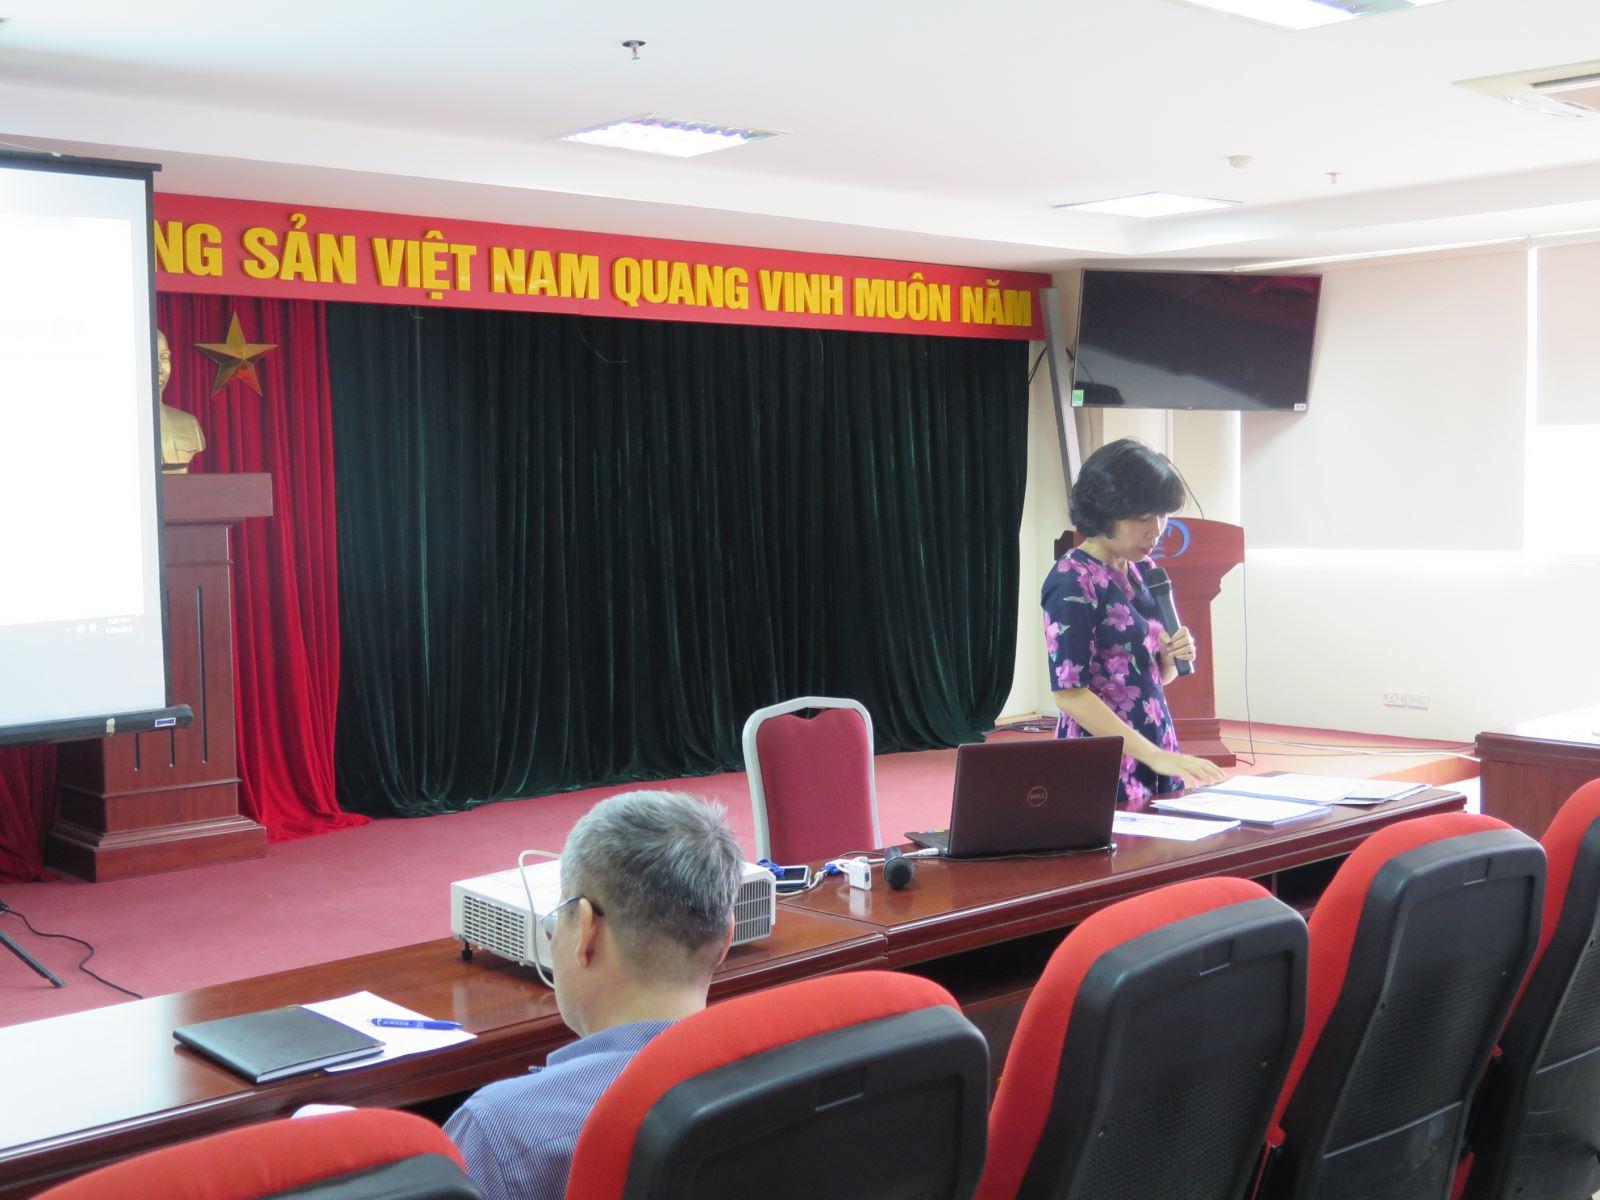 Học viện Phụ nữ Việt Nam tổ chức tập huấn công tác phối hợp tổ chức thi tốt nghiệp THPT Quốc gia 2019